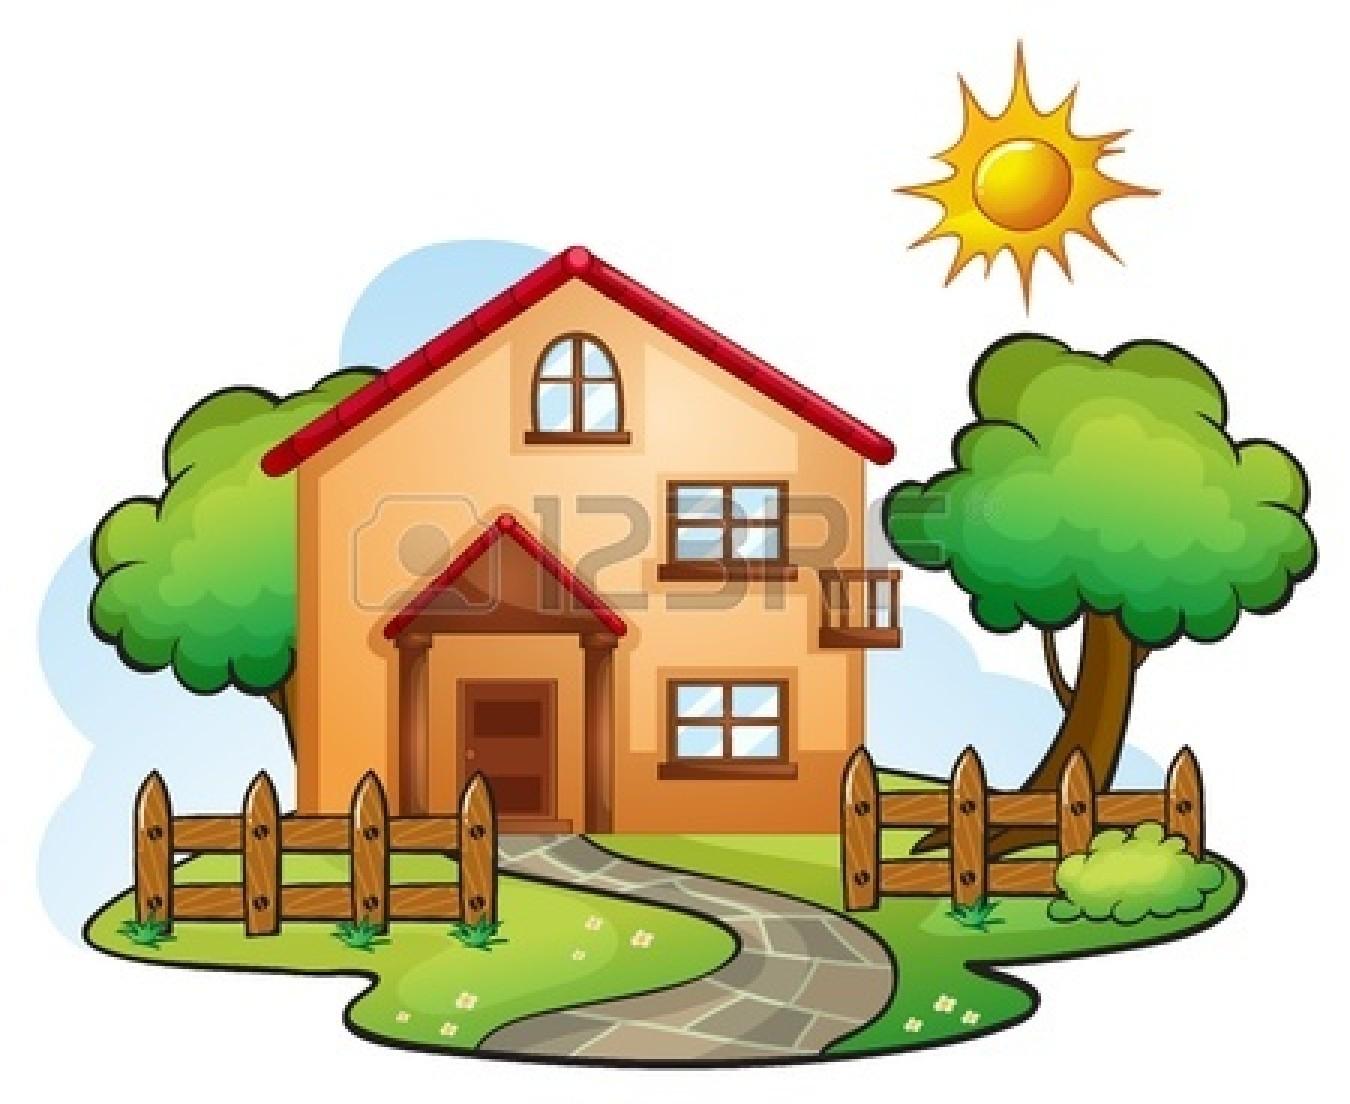 1350x1104 House Cartoon